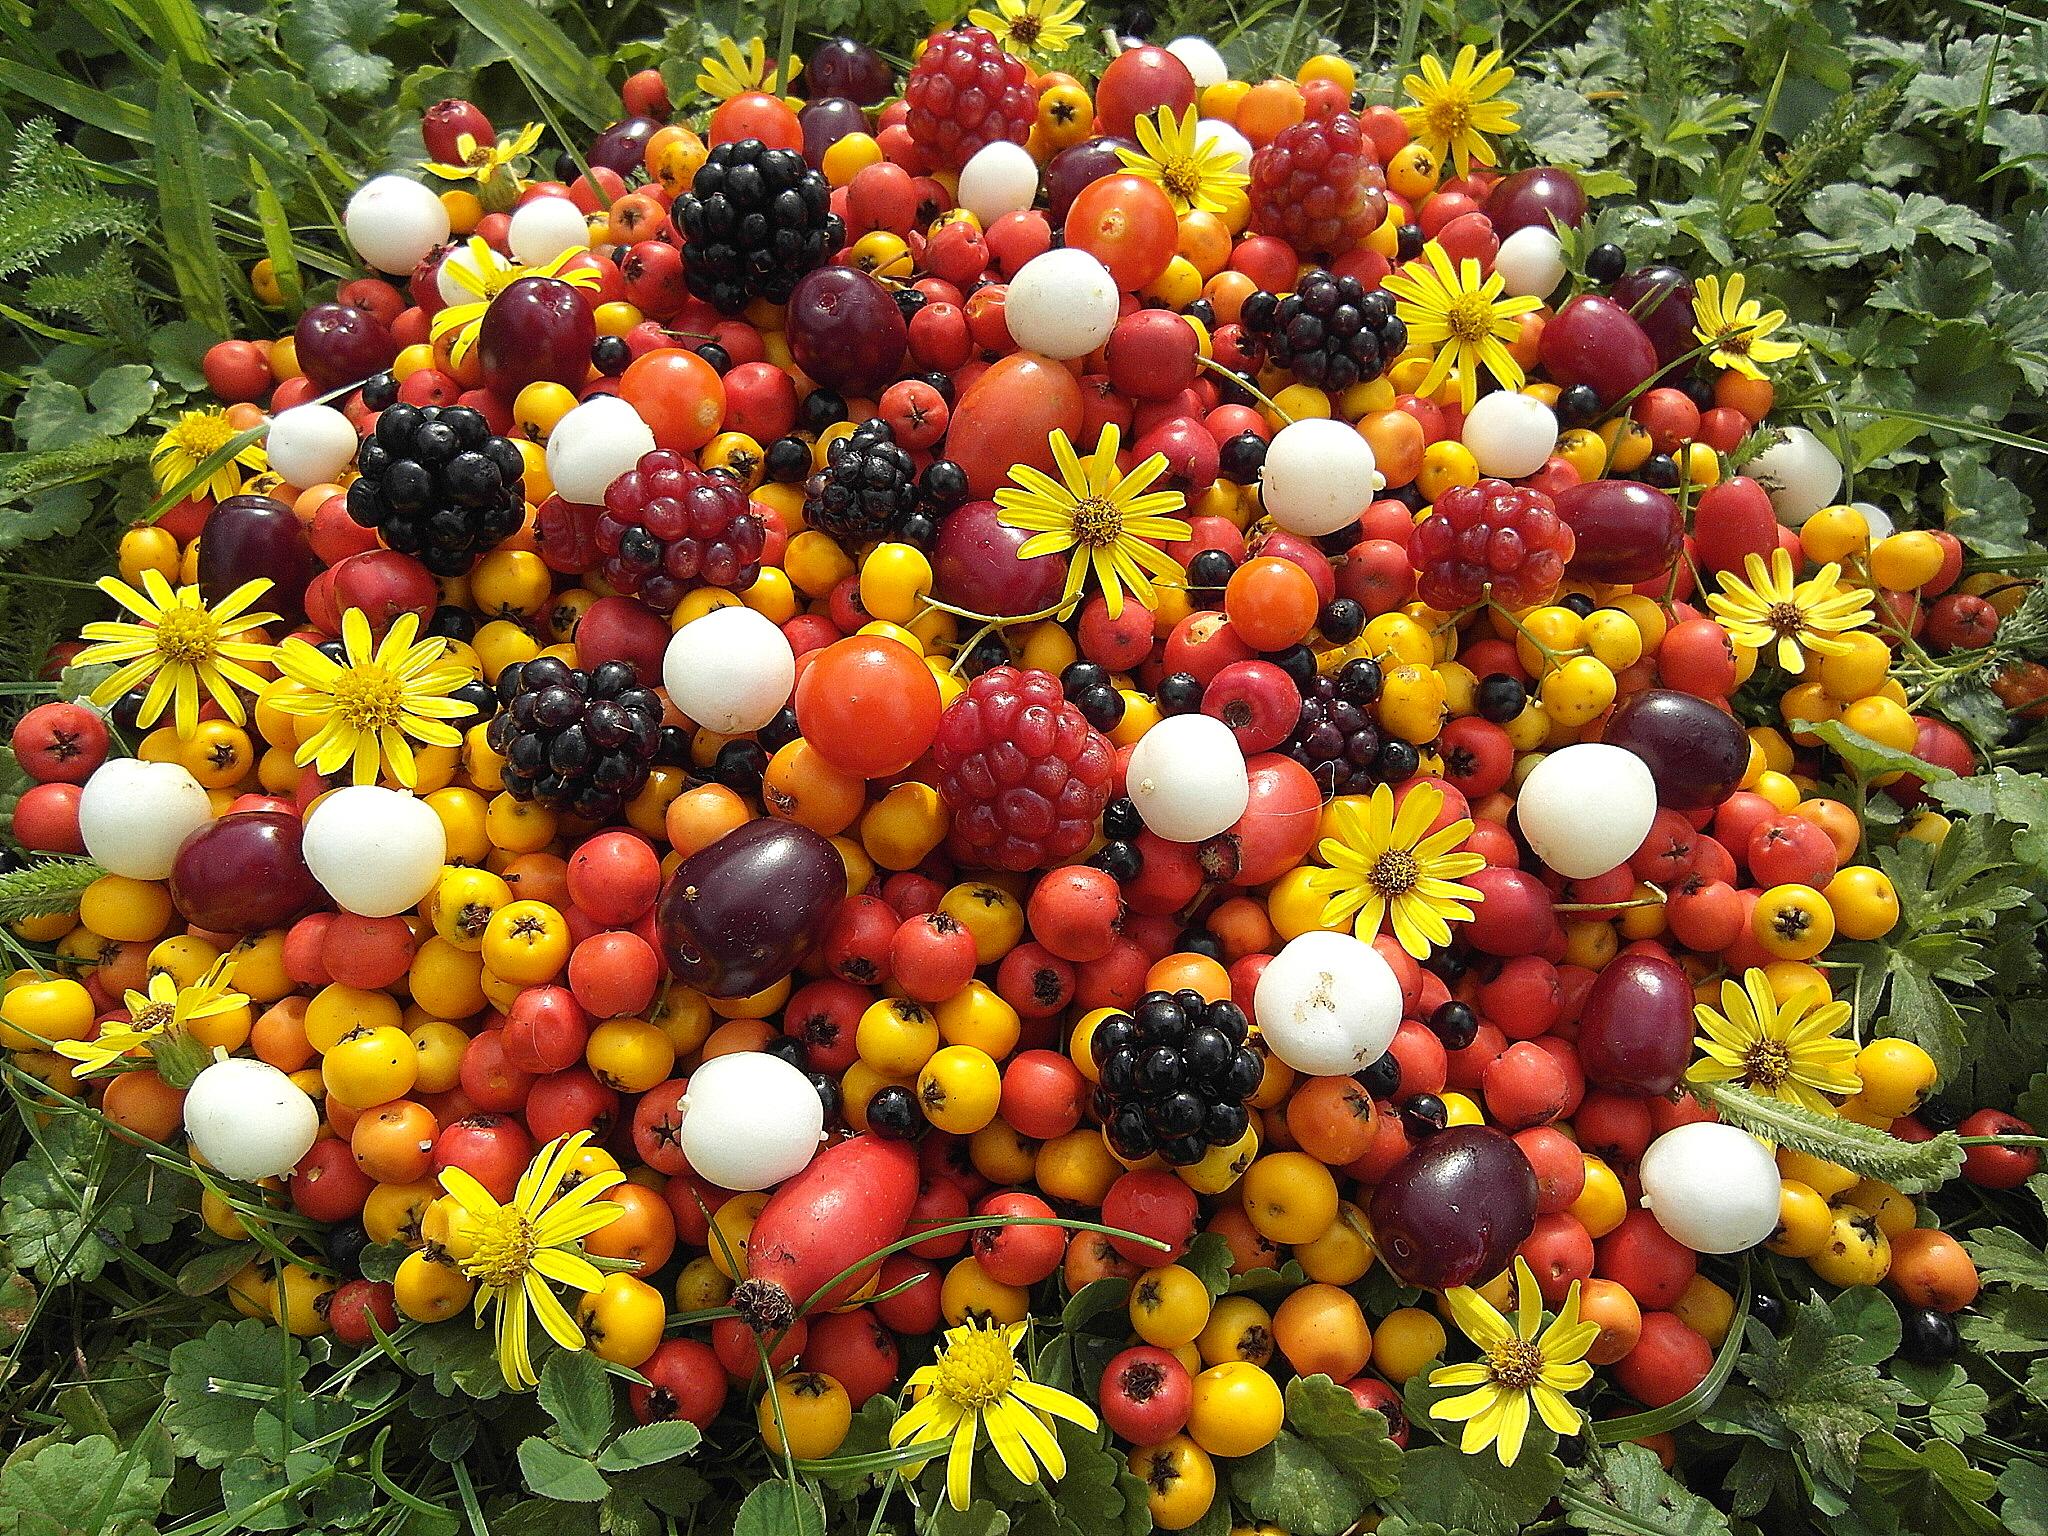 Hintergrundbilder : Park, Blumen, Licht, rot, Porträt, Sonne, Farbe ...